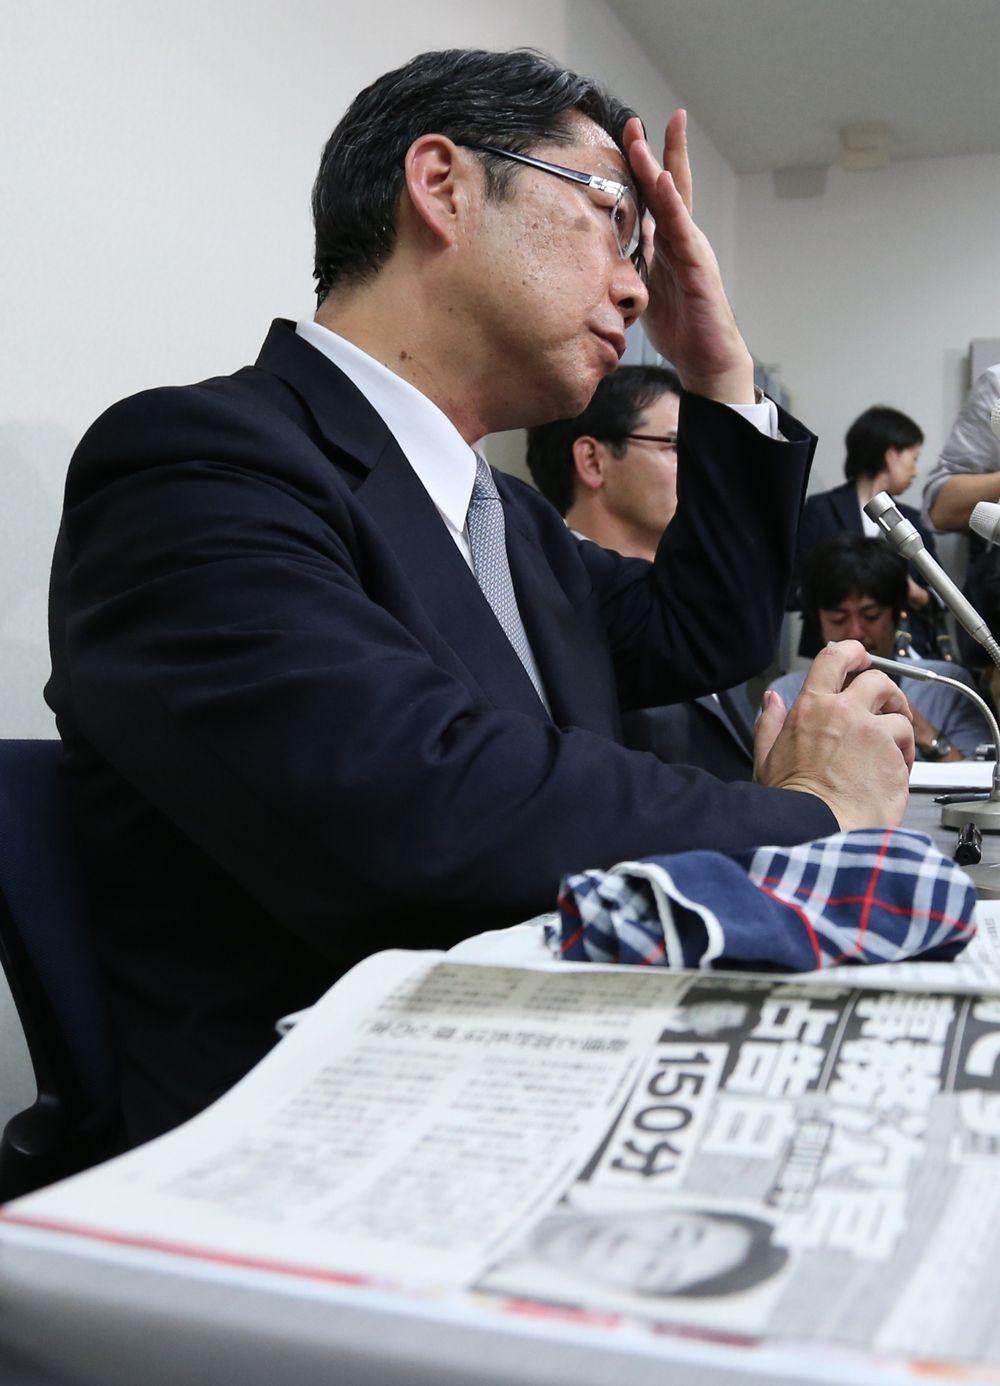 大きな問題抱える読売新聞の報道